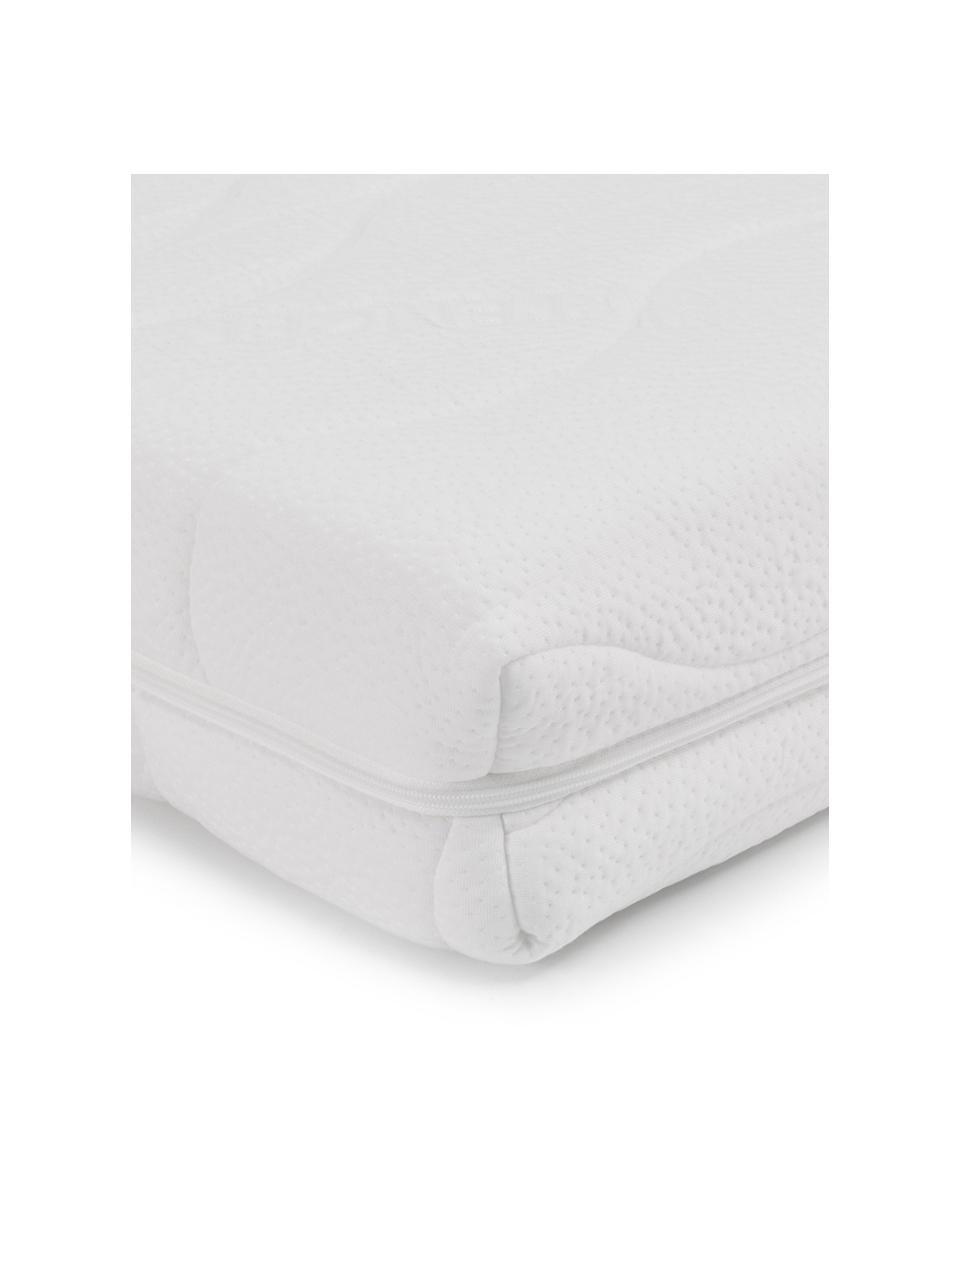 Materasso in schiuma fredda Vital, Rivestimento: doppia maglia TENCEL® (56, Rivestimento: circa 350 g/m² di fibra t, Bianco, 160 x 200 cm